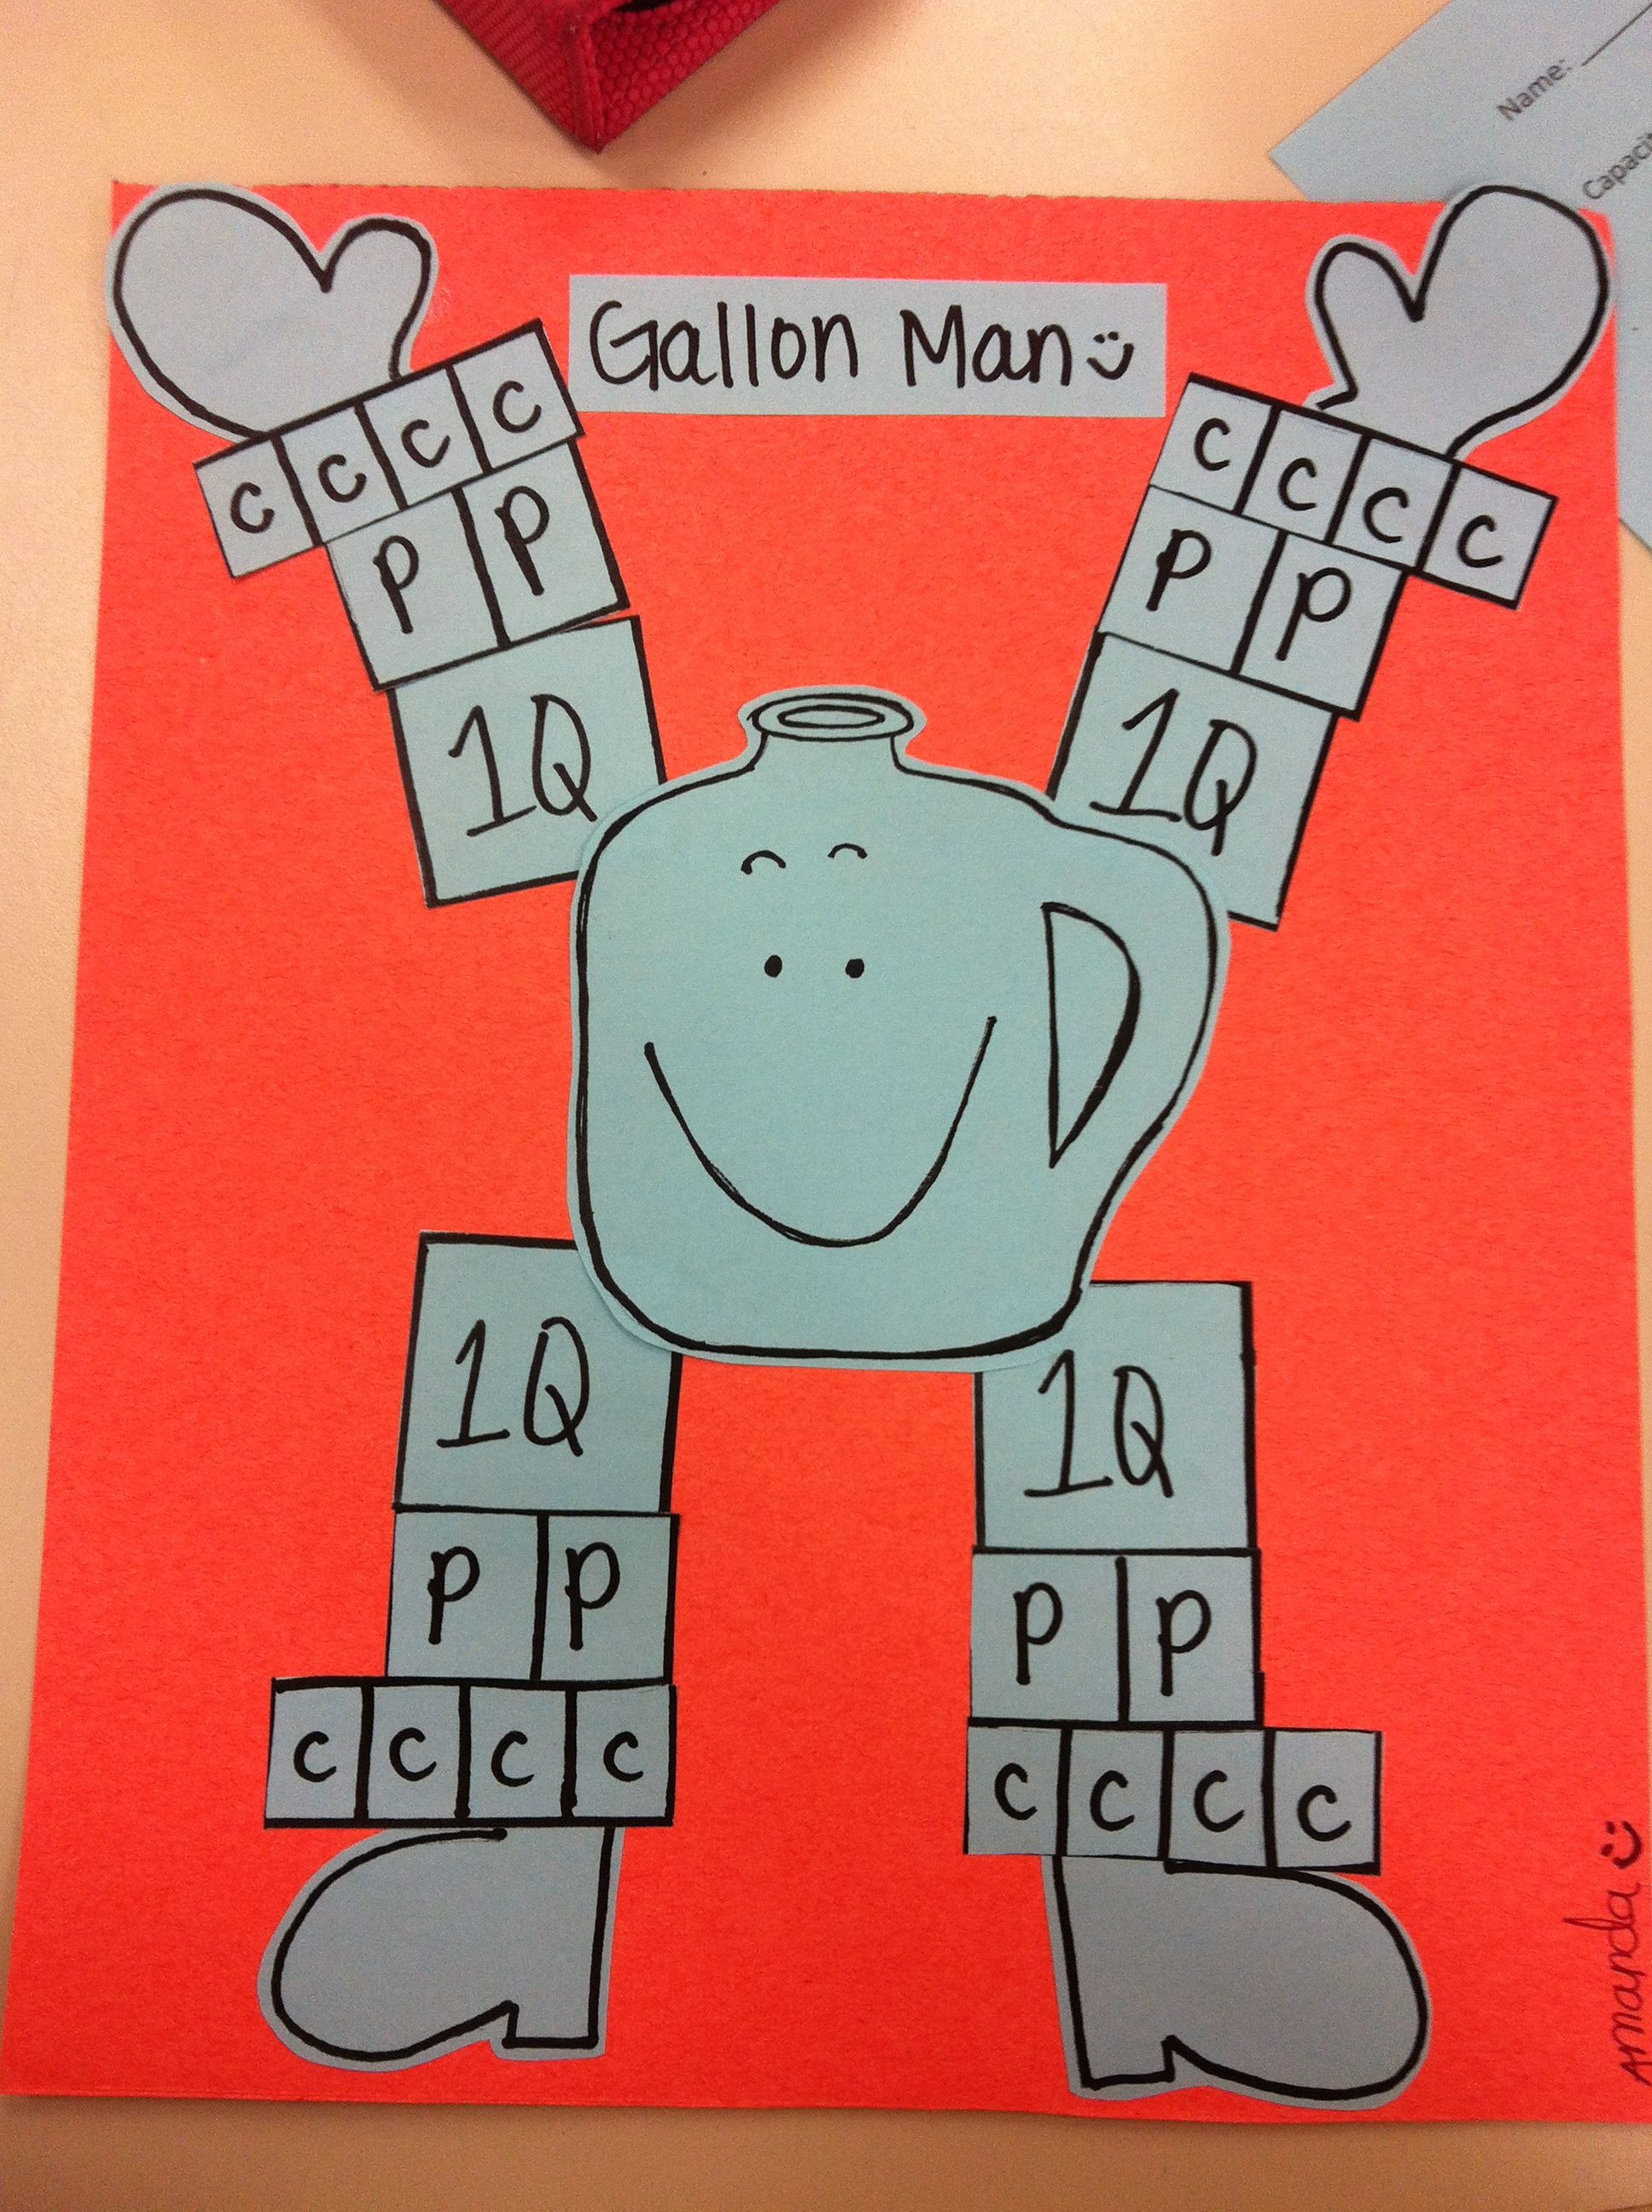 Gallon Man! 1 Gallon = 4 Quarts = 8 Pints = 16 Cups ...